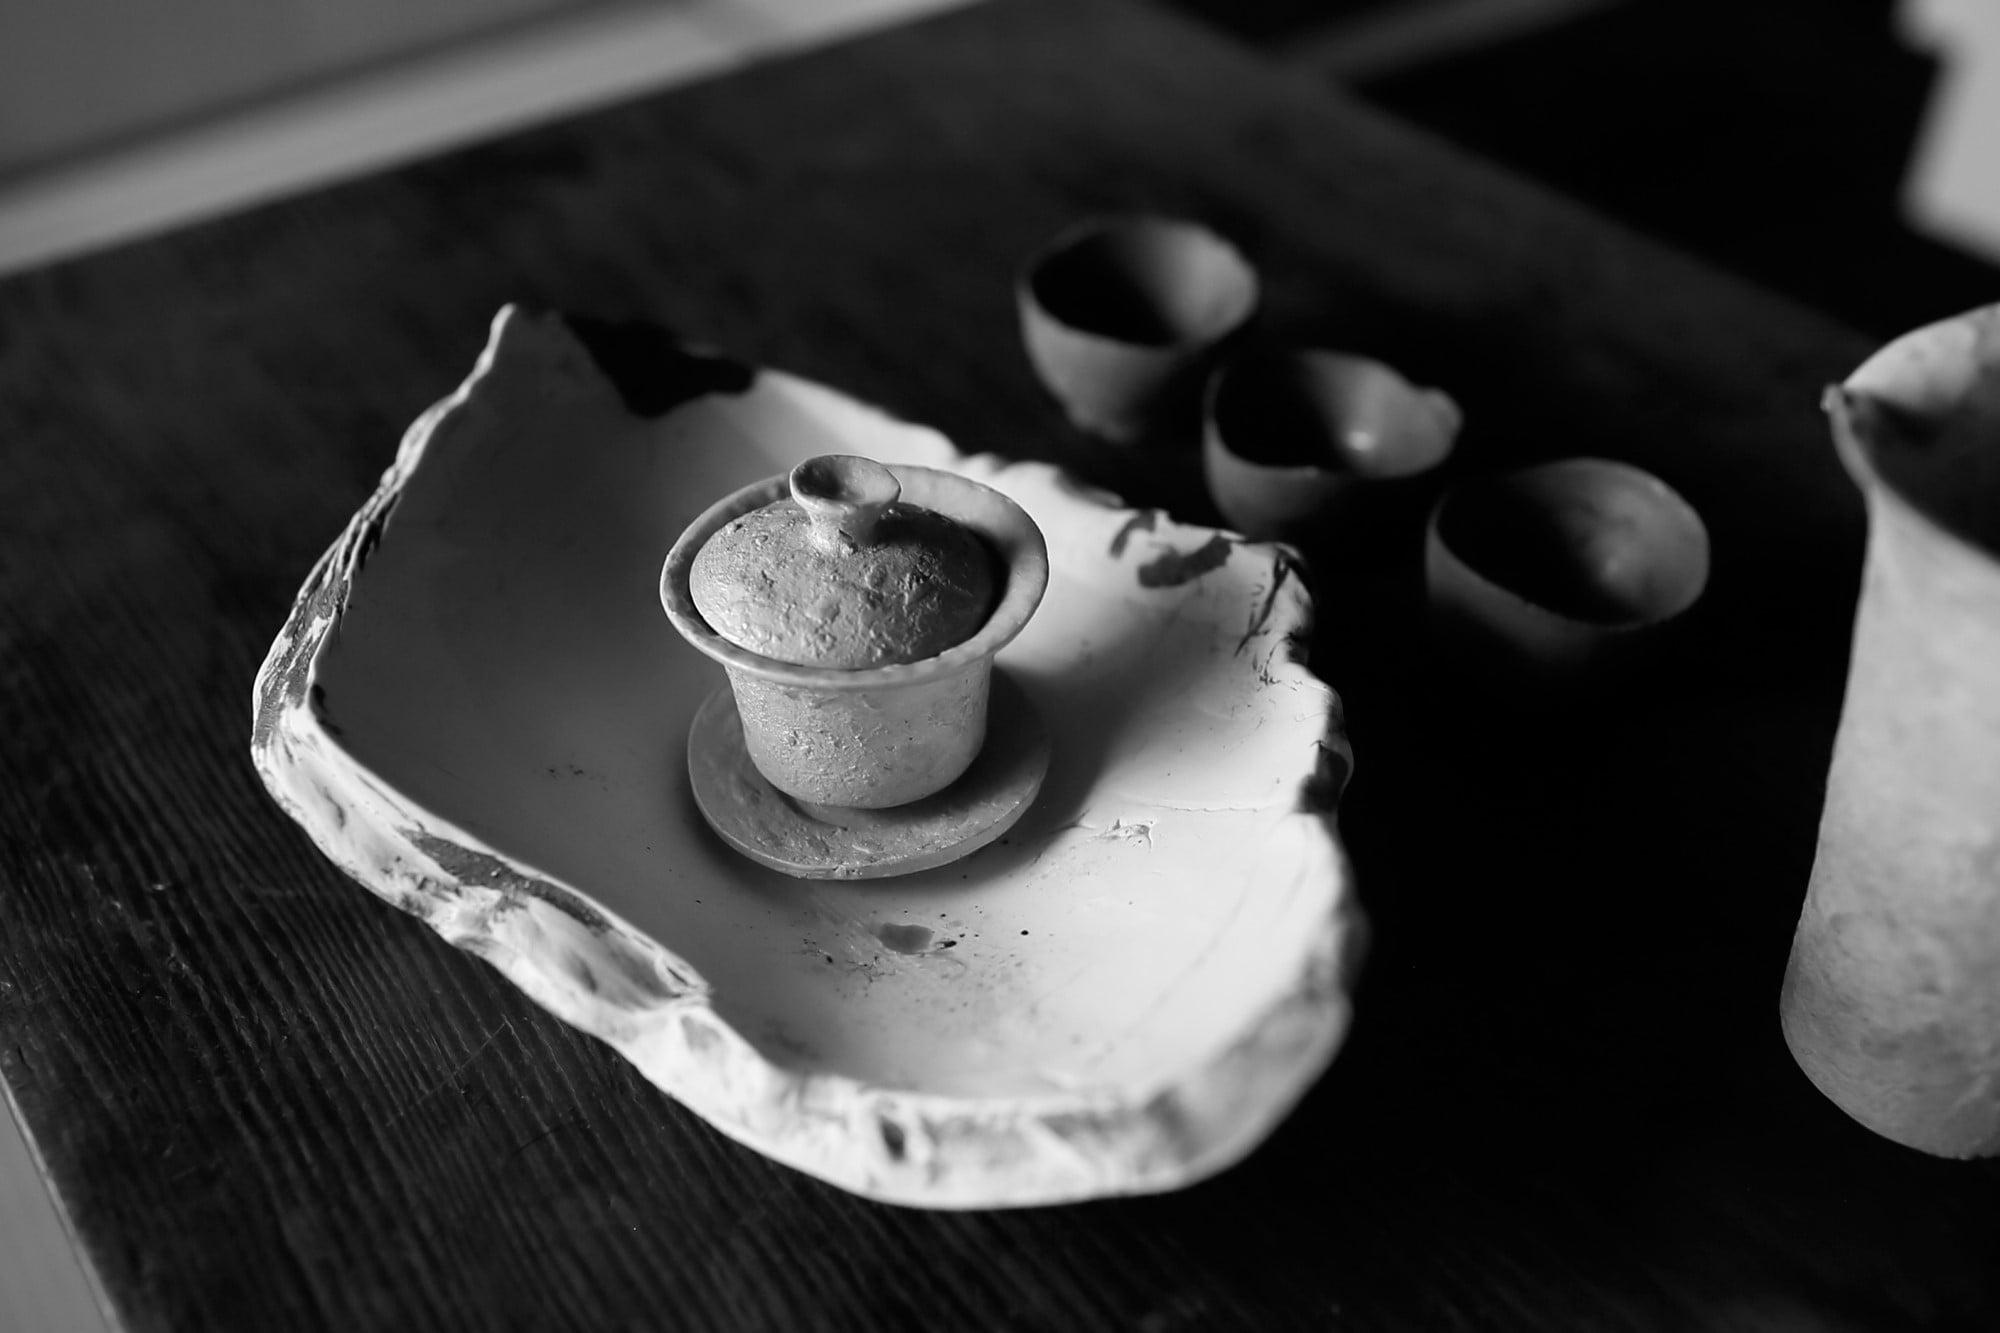 河合和美の作品である中国茶の茶道具。台北での展示会でも人気を集めた。